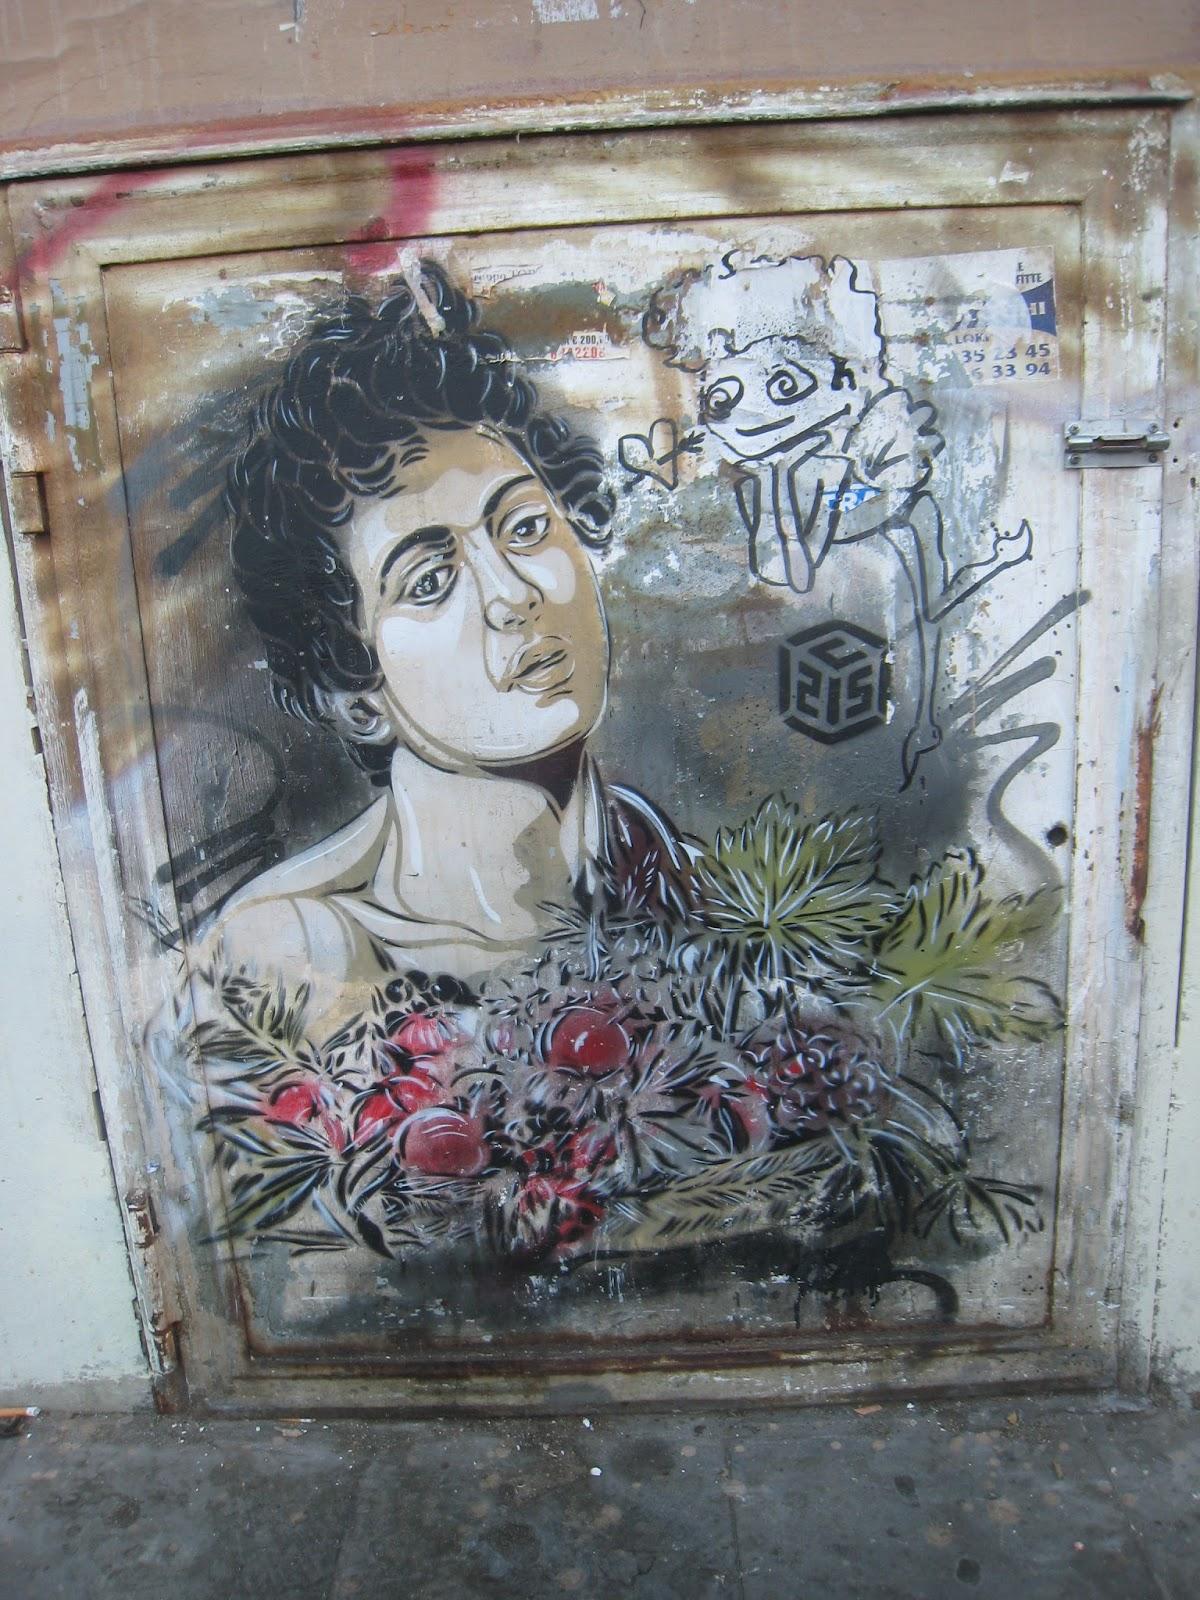 C215 street art caravaggio in rome